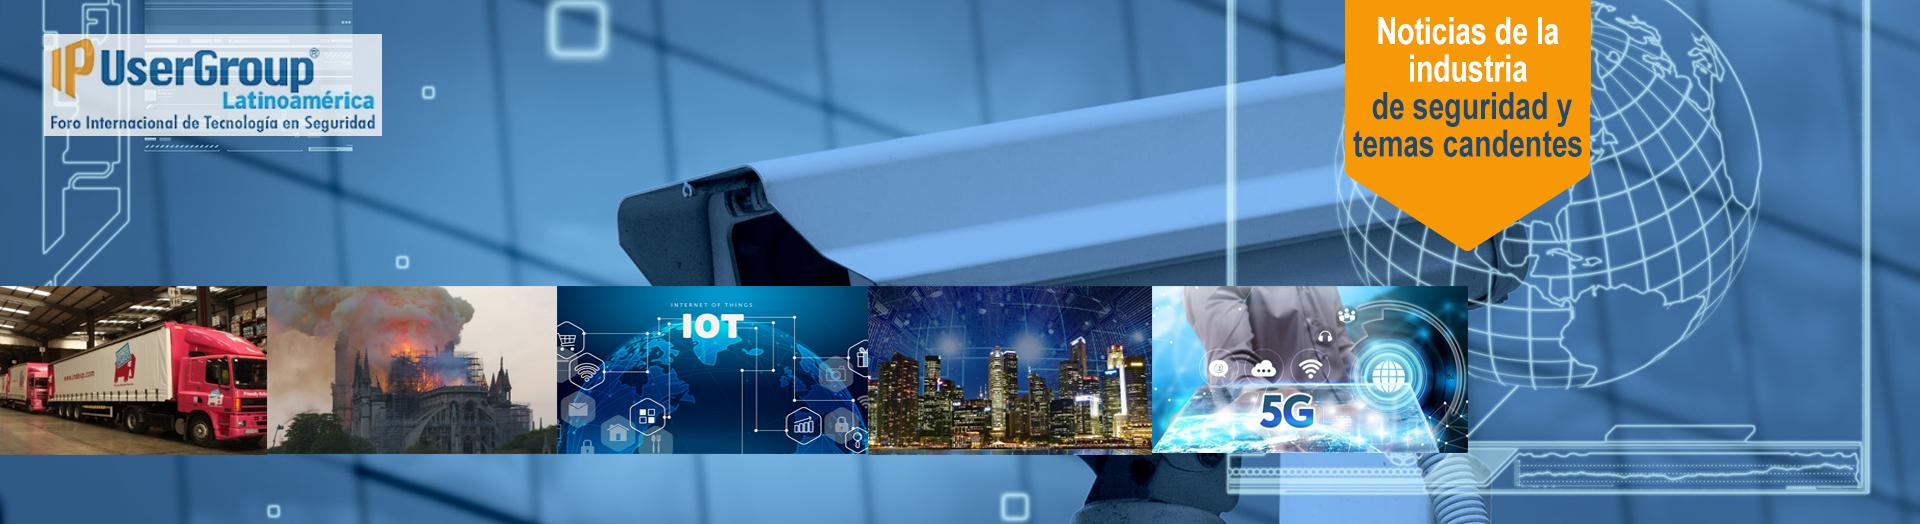 El Único Foro Tecnológico Internacional de la Industria de la Seguridad